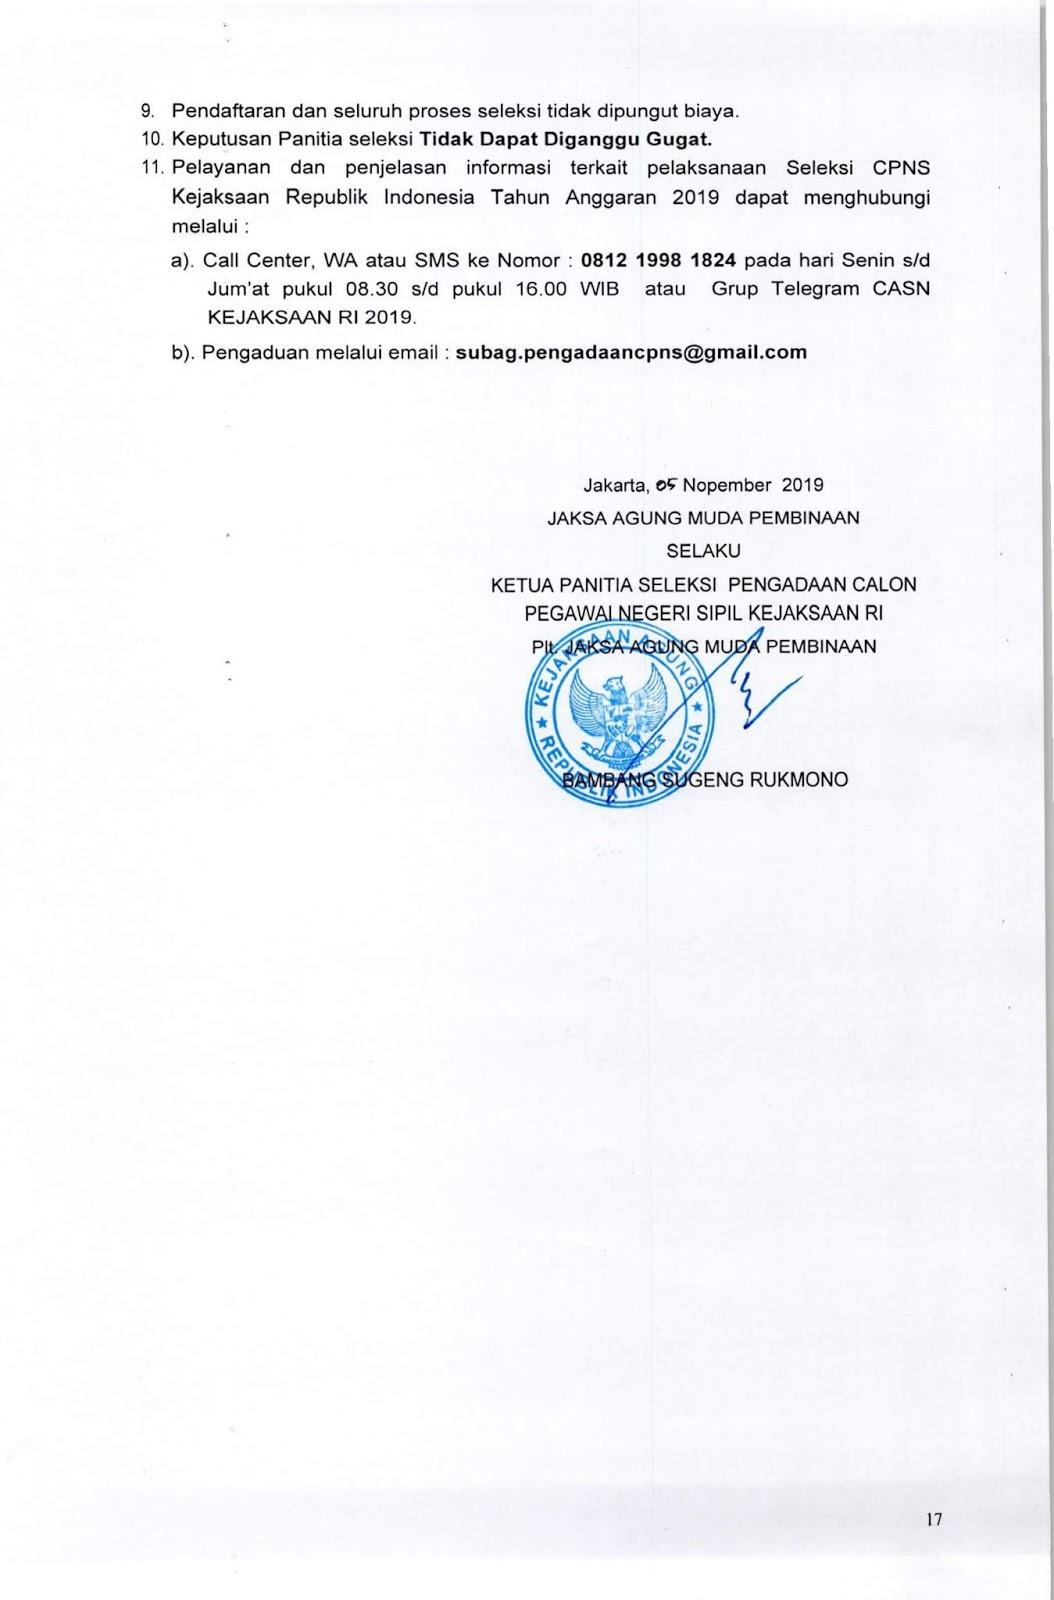 Penerimaan CPNS Kejaksaan Republik Indonesia Tahun 2019 [5203 Formasi]